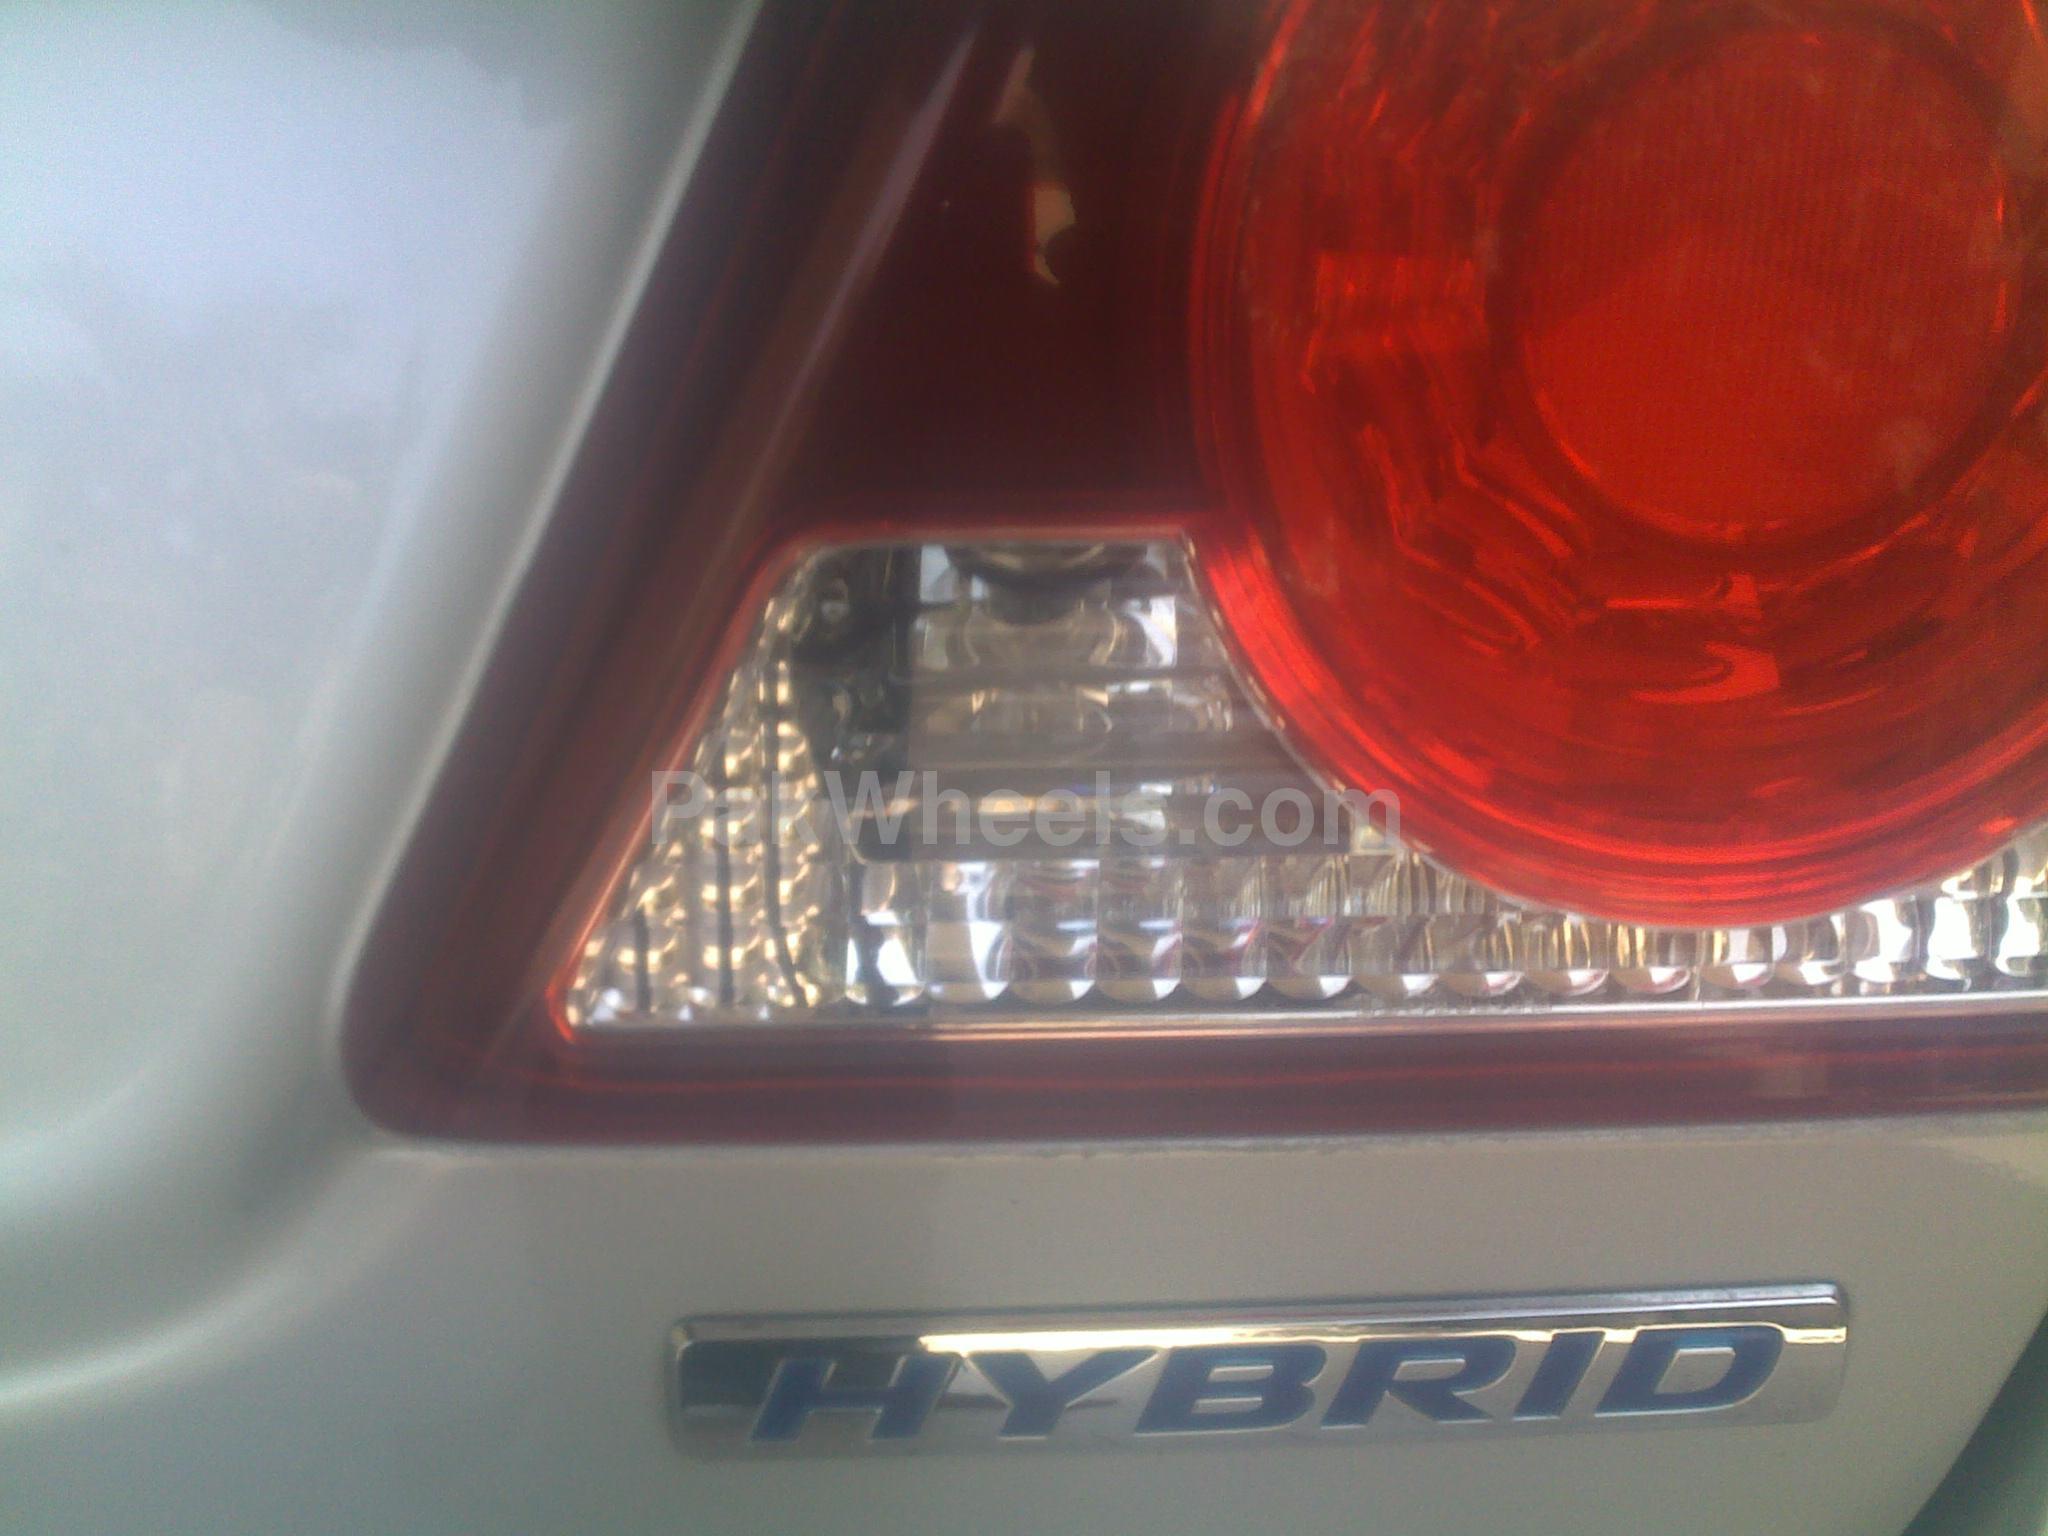 Honda Civic - 2006 Honda Civic Hybrid Image-1